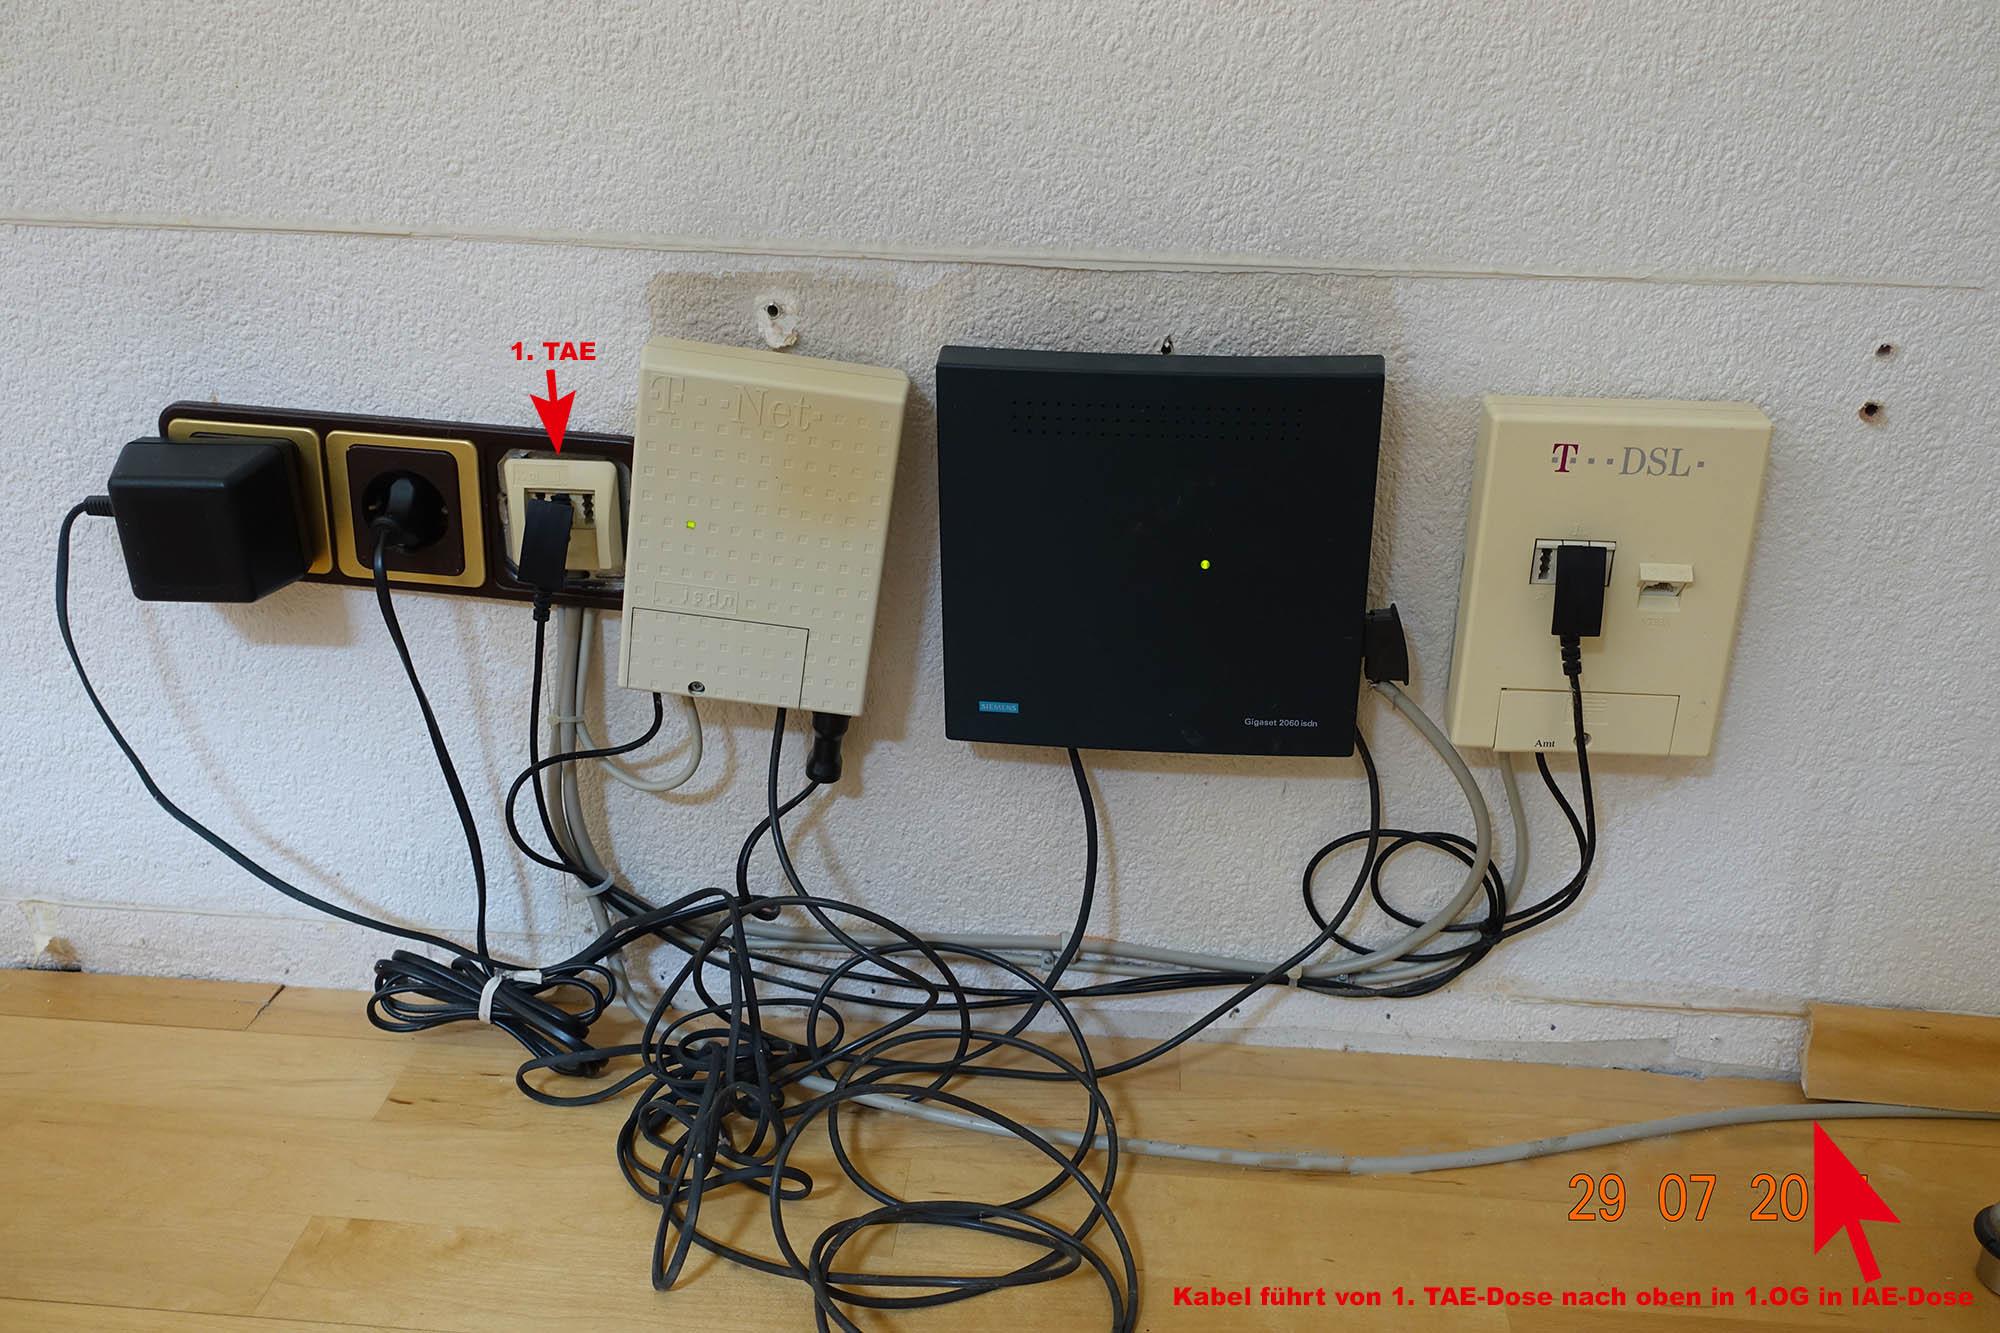 Umstellung von ISDN auf IP (Kabel von EG ins OG)